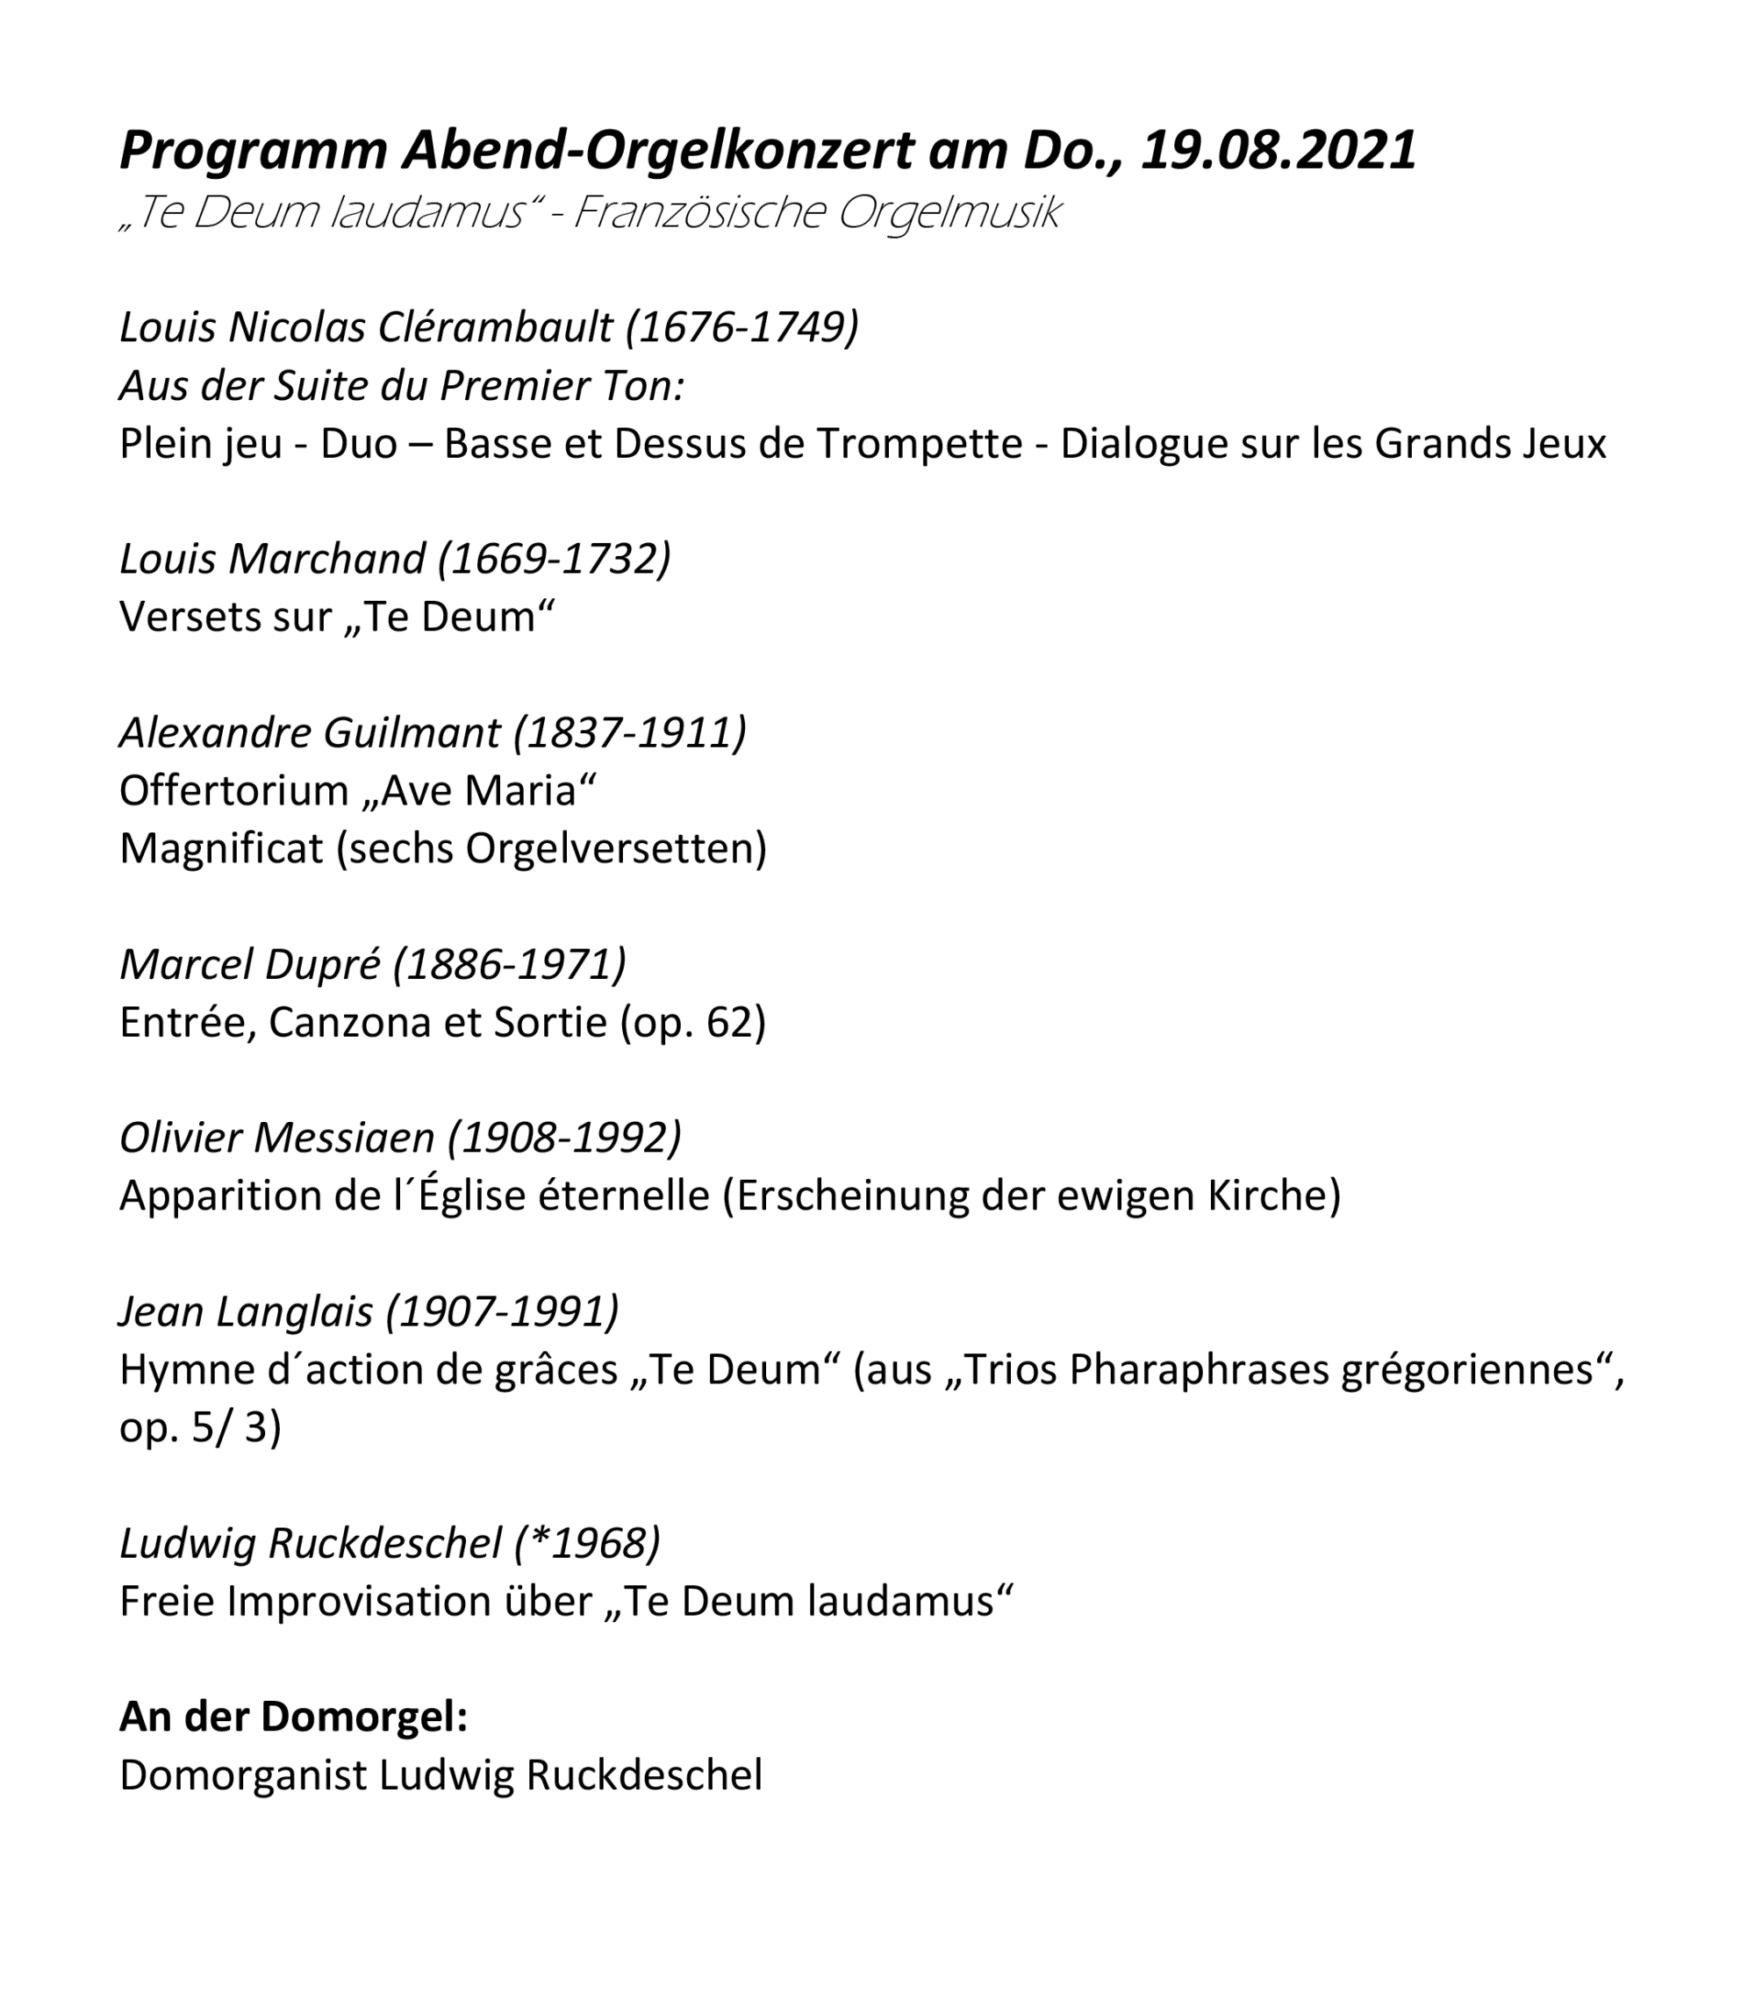 Programm Abendorgelkonzert 19 08 2021